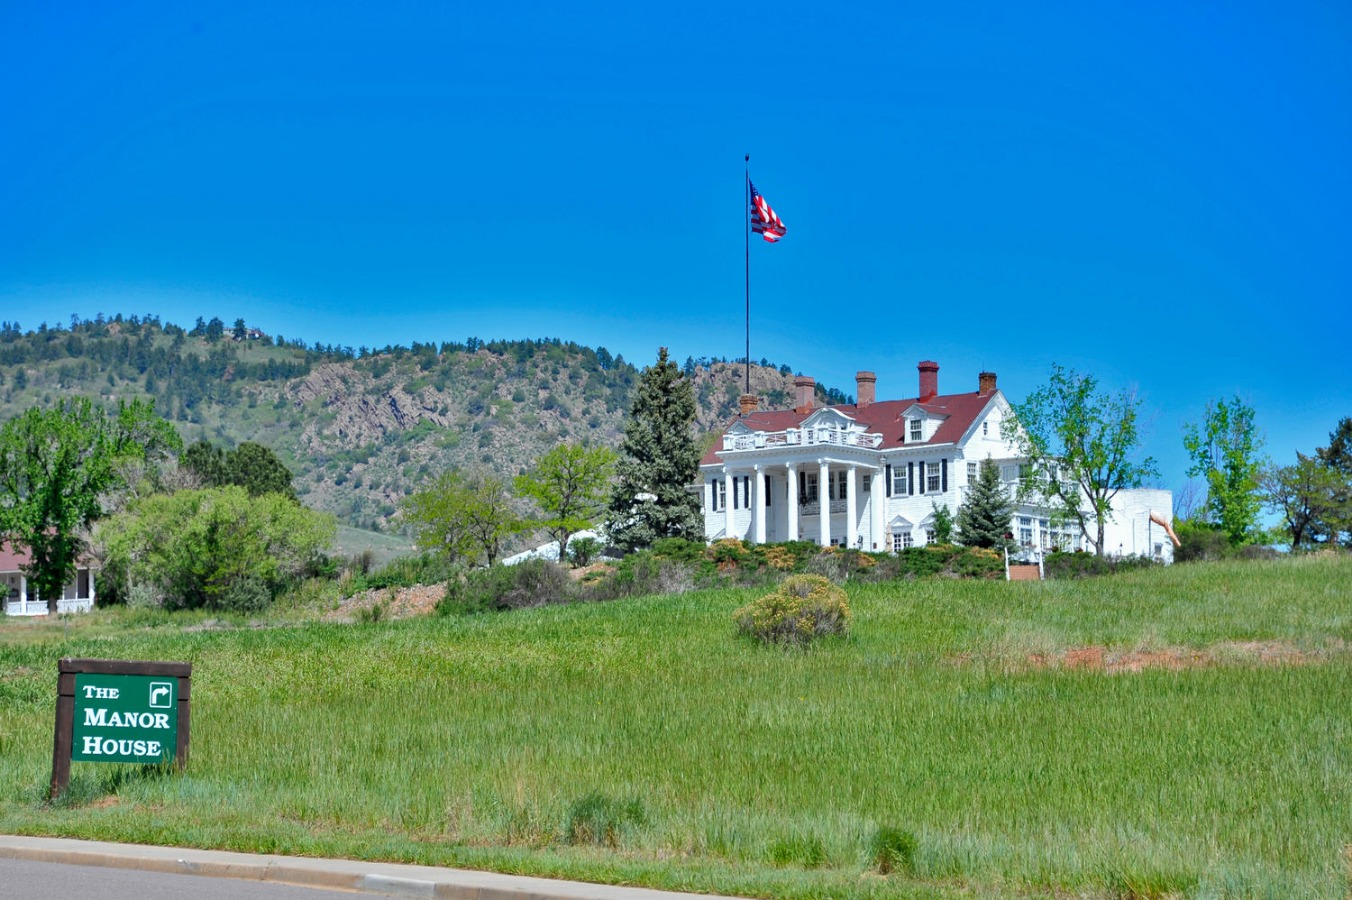 Ken Caryl Manor House